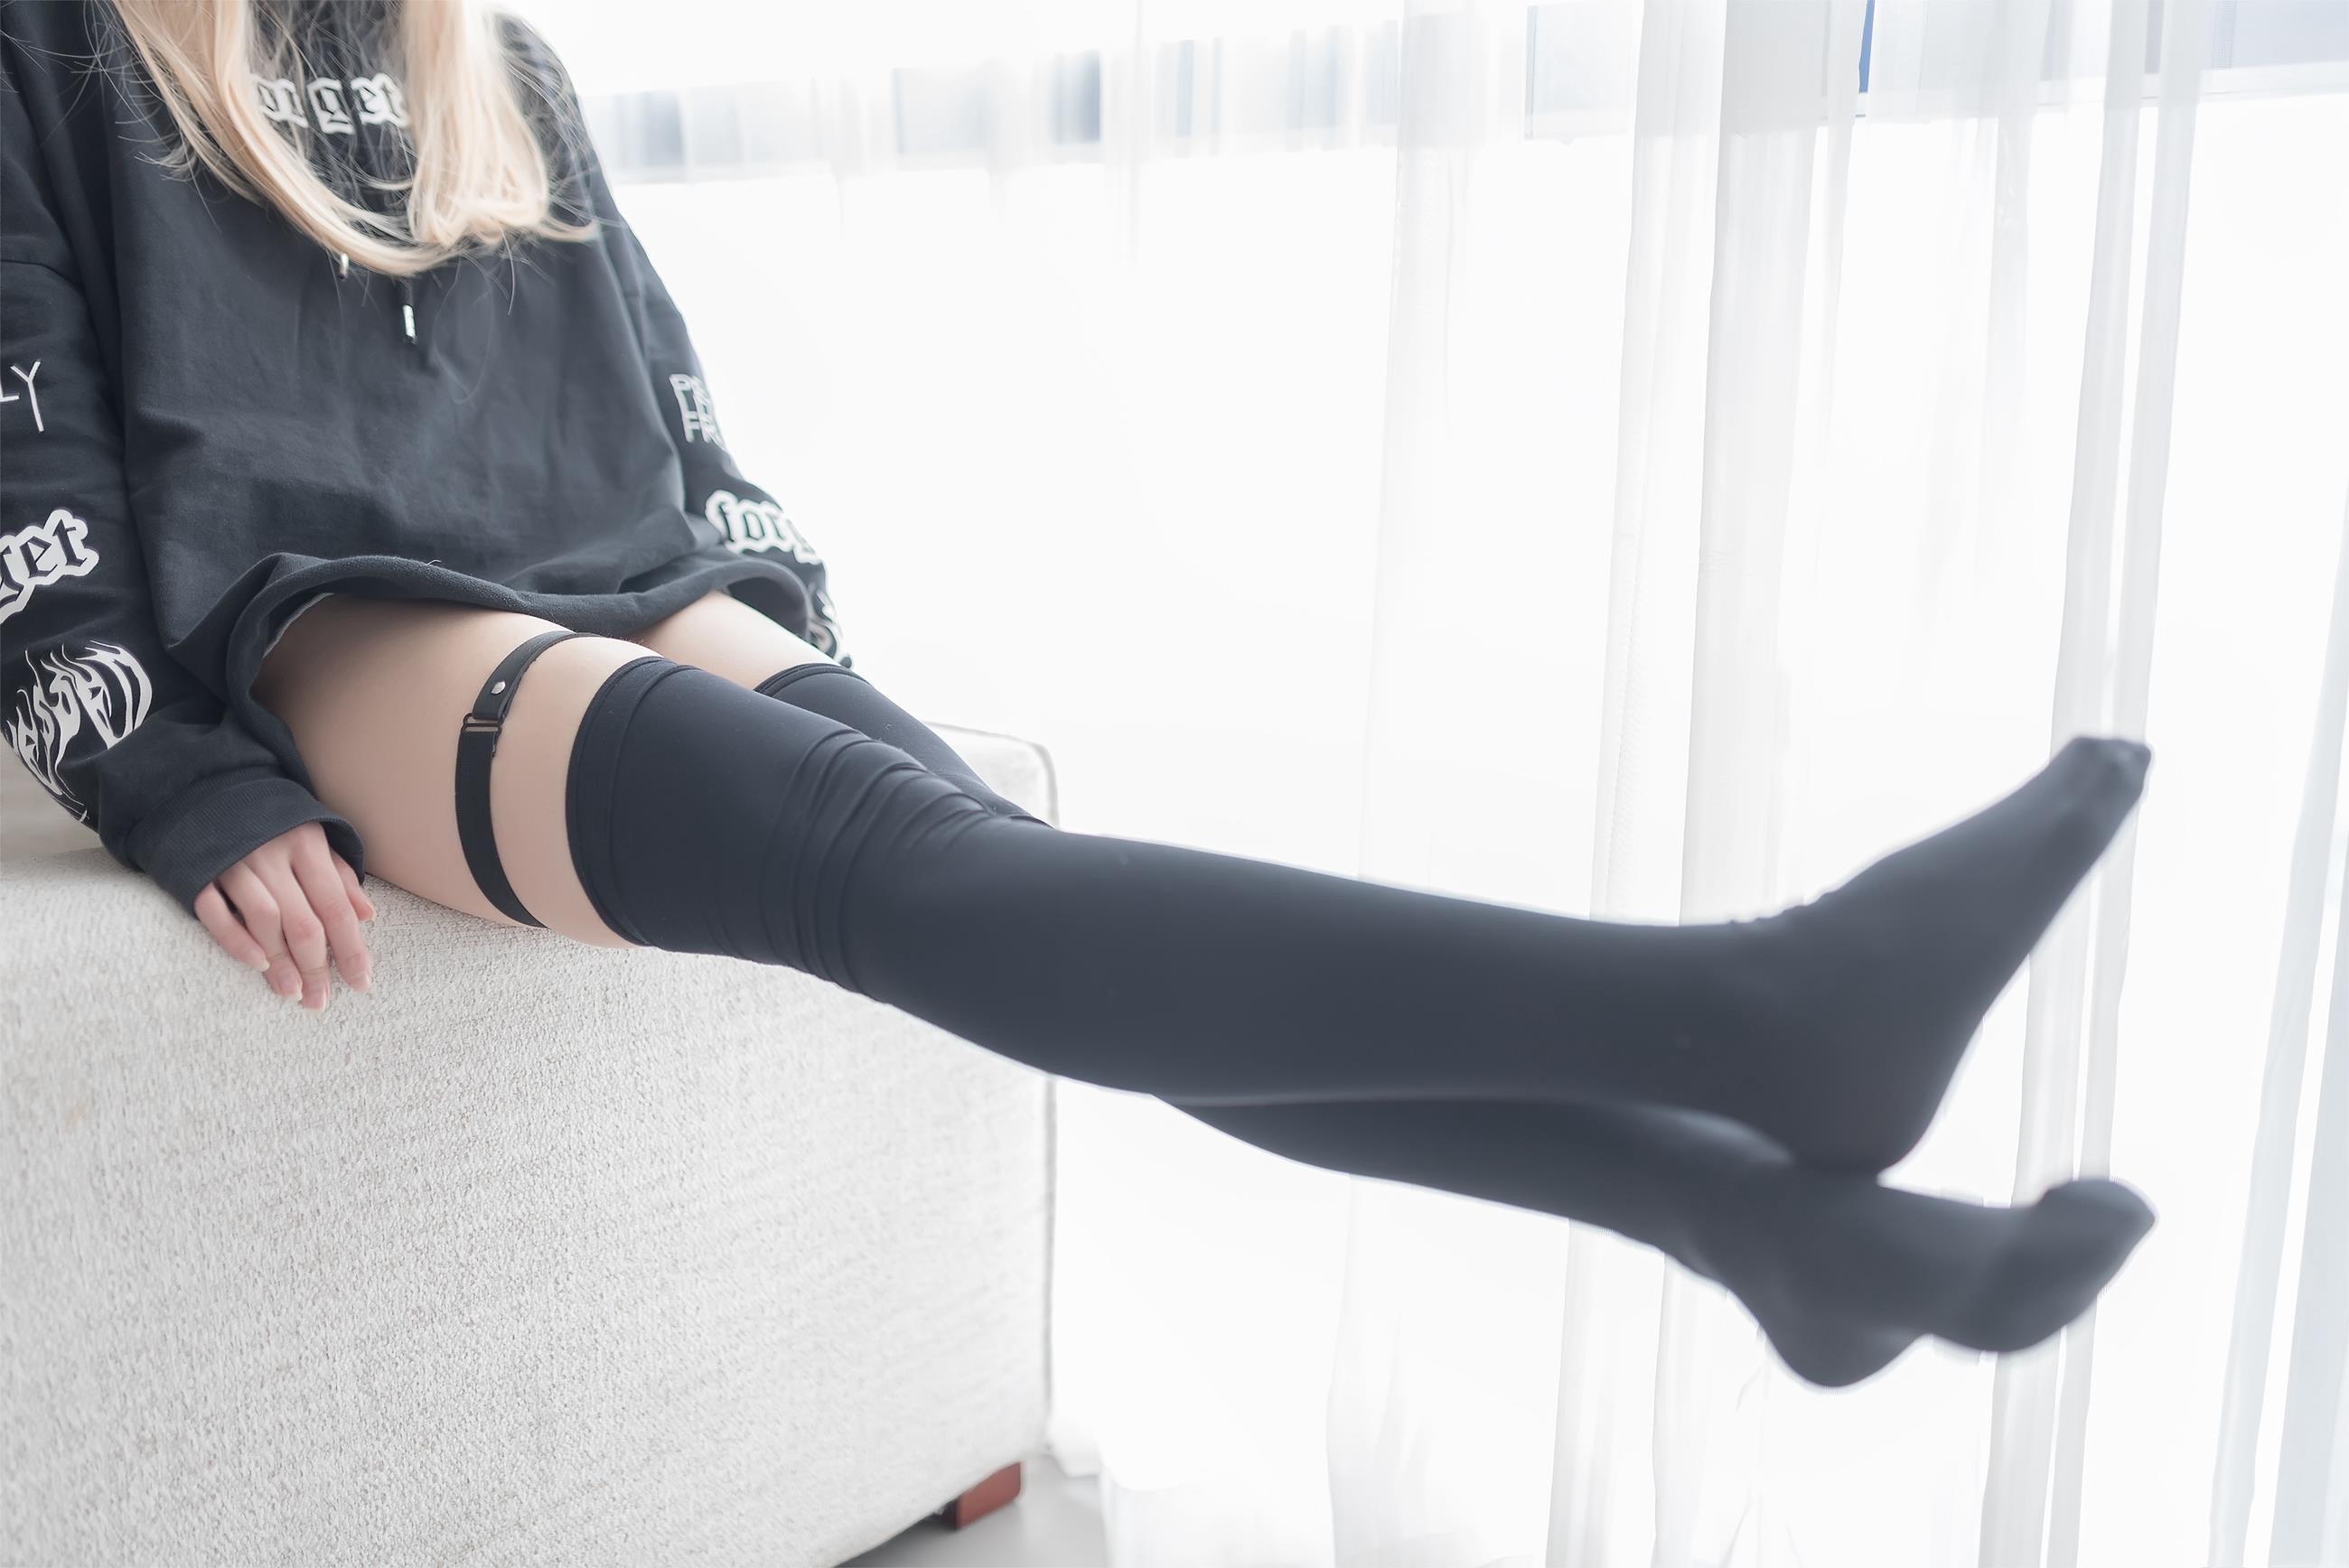 【风之领域0017】金发辣妹穿着黑丝在挑战你的极限,真的太迷人了,真的爱了爱了!!!-蜜桃畅享